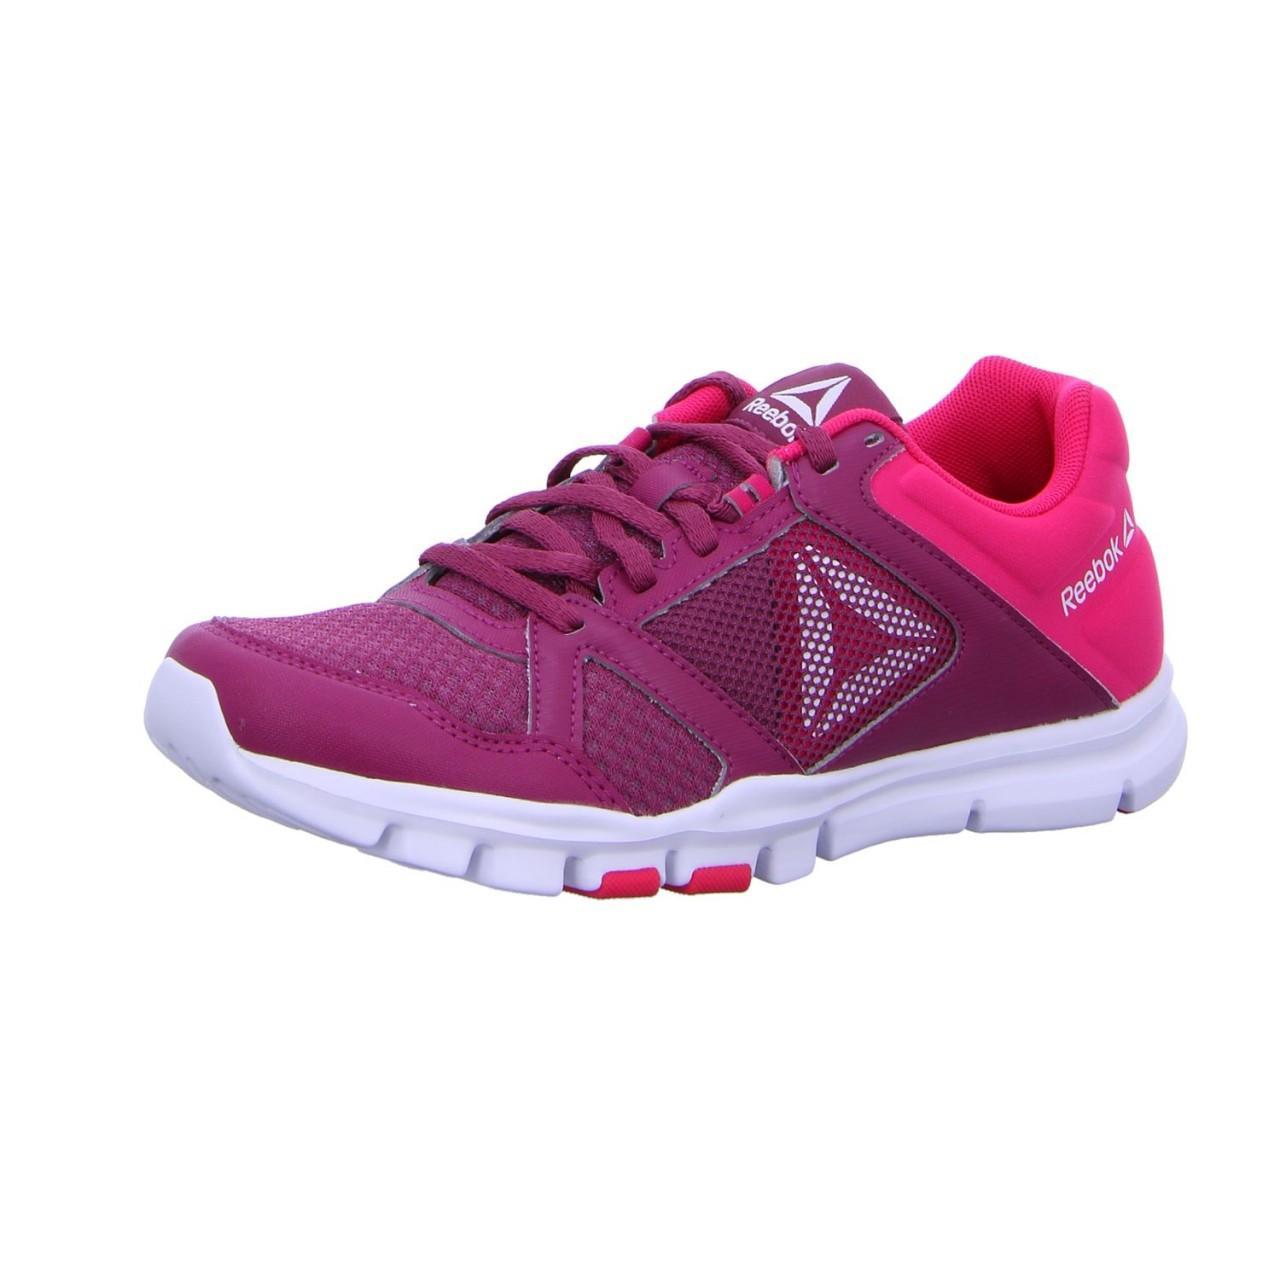 Reebok Wo Trainers Purple/pink Yourflex